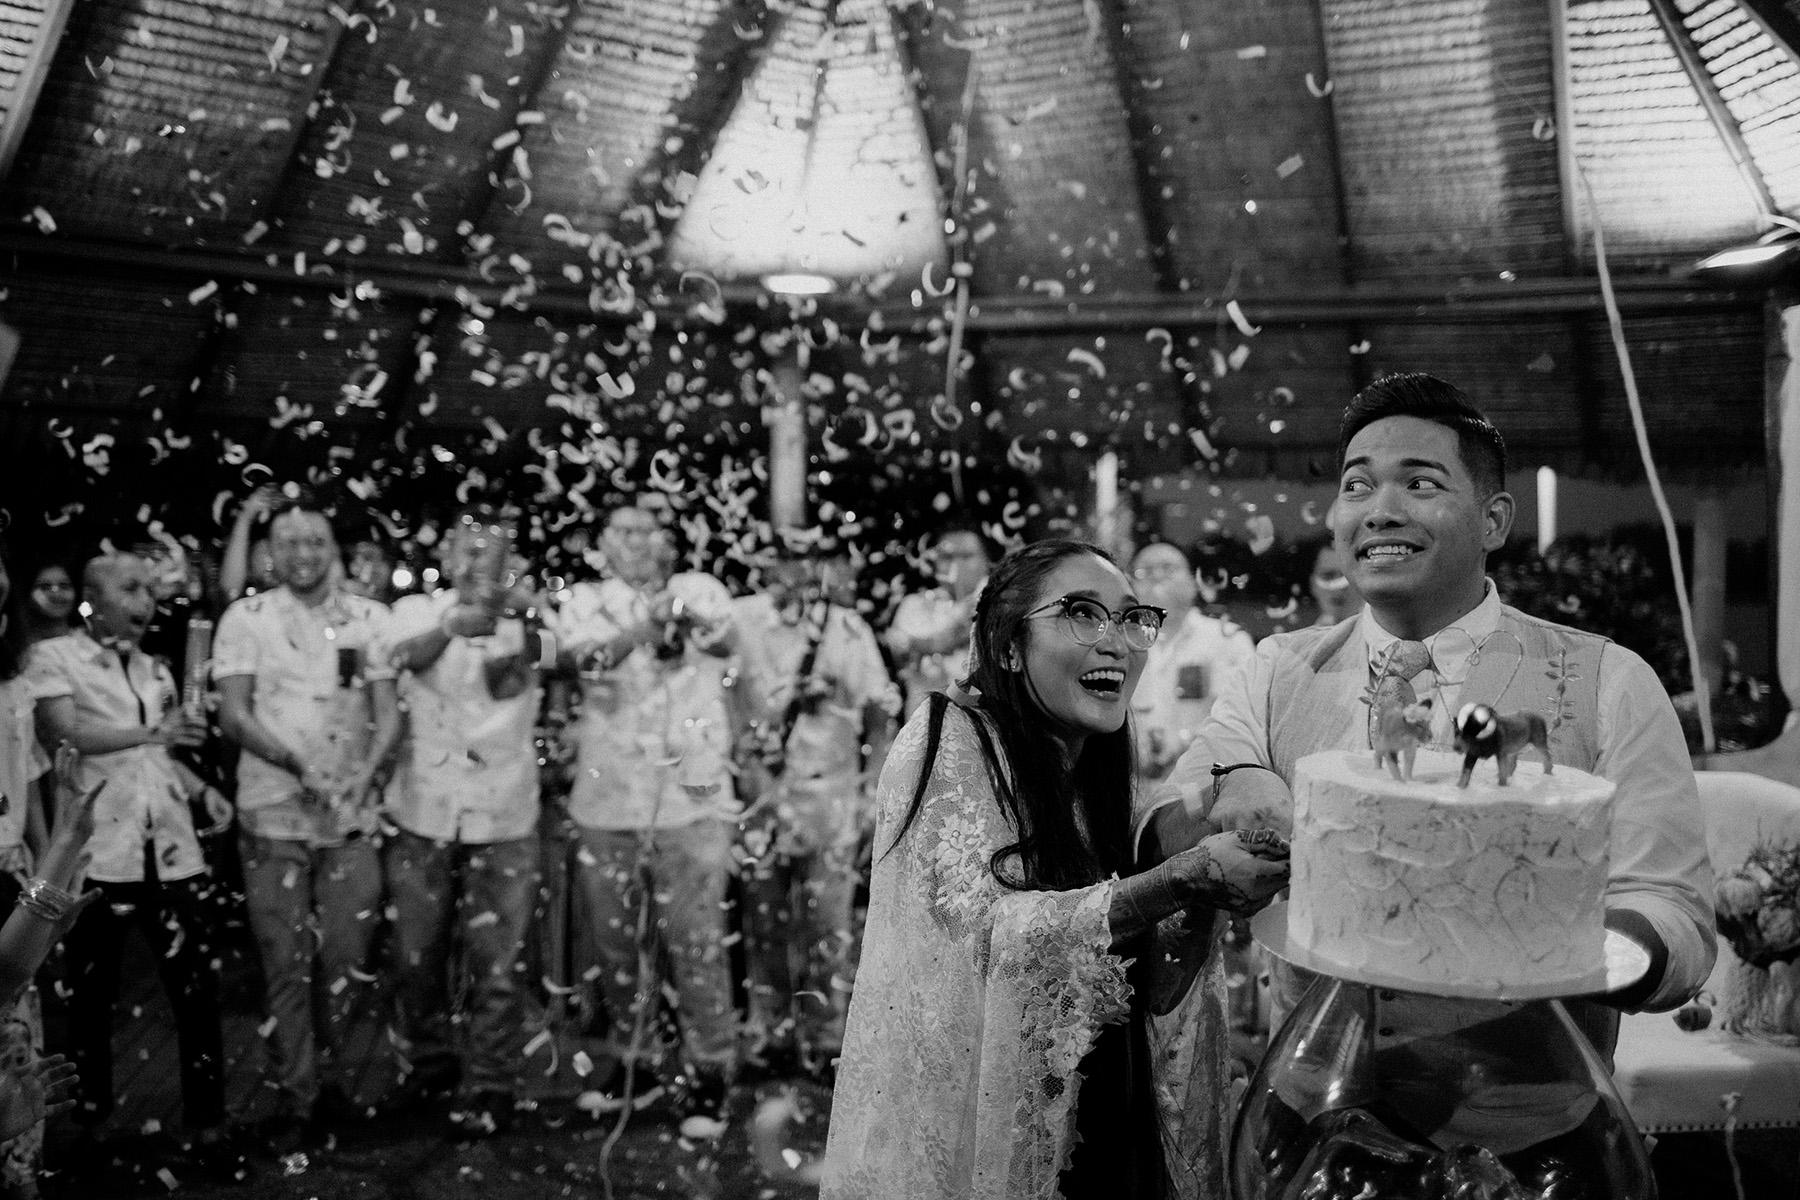 singapore-wedding-photographer-wemadethese-bw-009.jpg